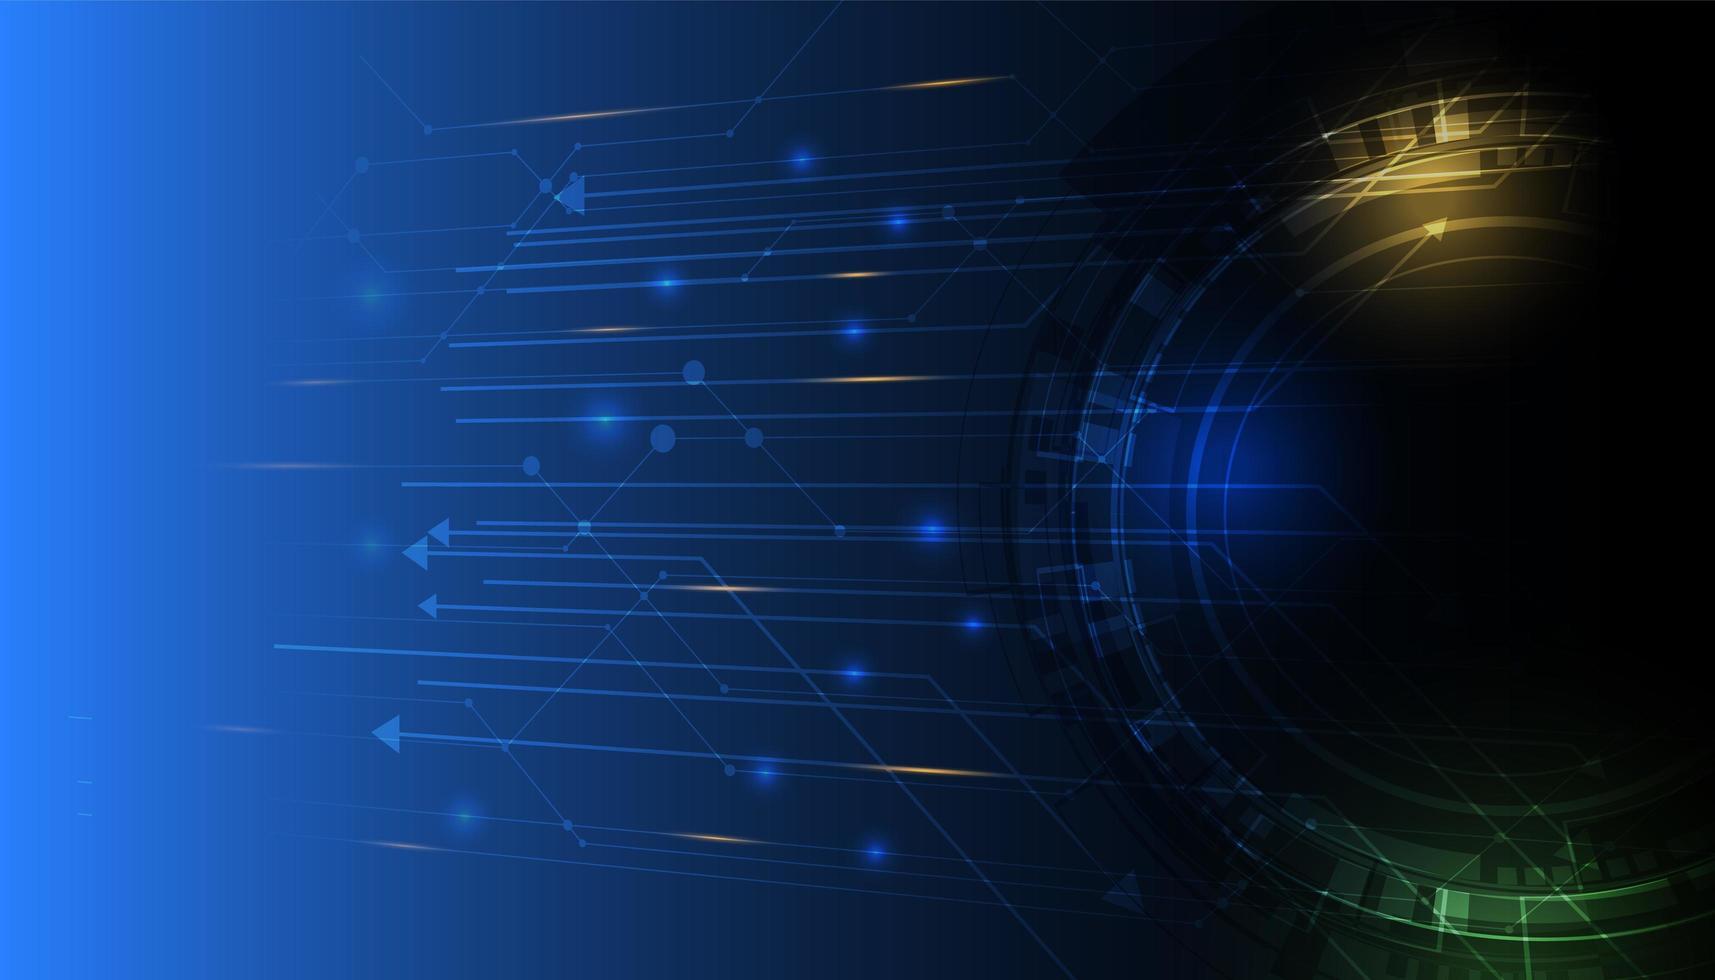 sfondo astratto tecnologia con motivo circuito incandescente vettore